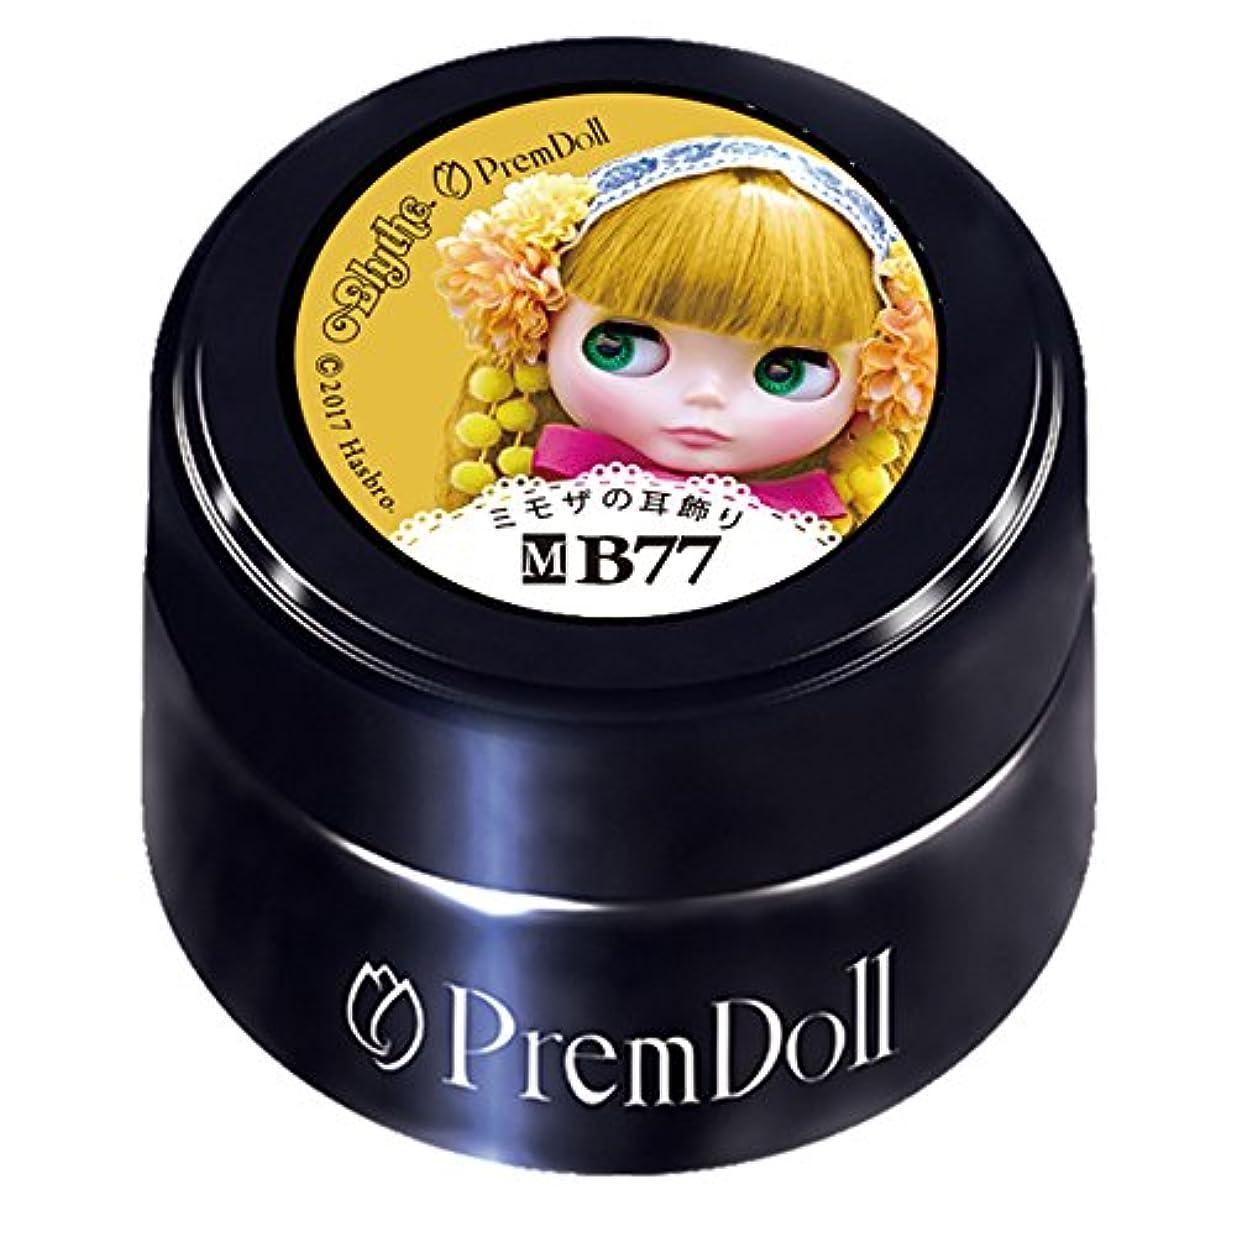 イライラするアレルギー性養うPRE GEL プリムドール ミモザの首飾り DOLL-B77 3g UV/LED対応 カラージェル